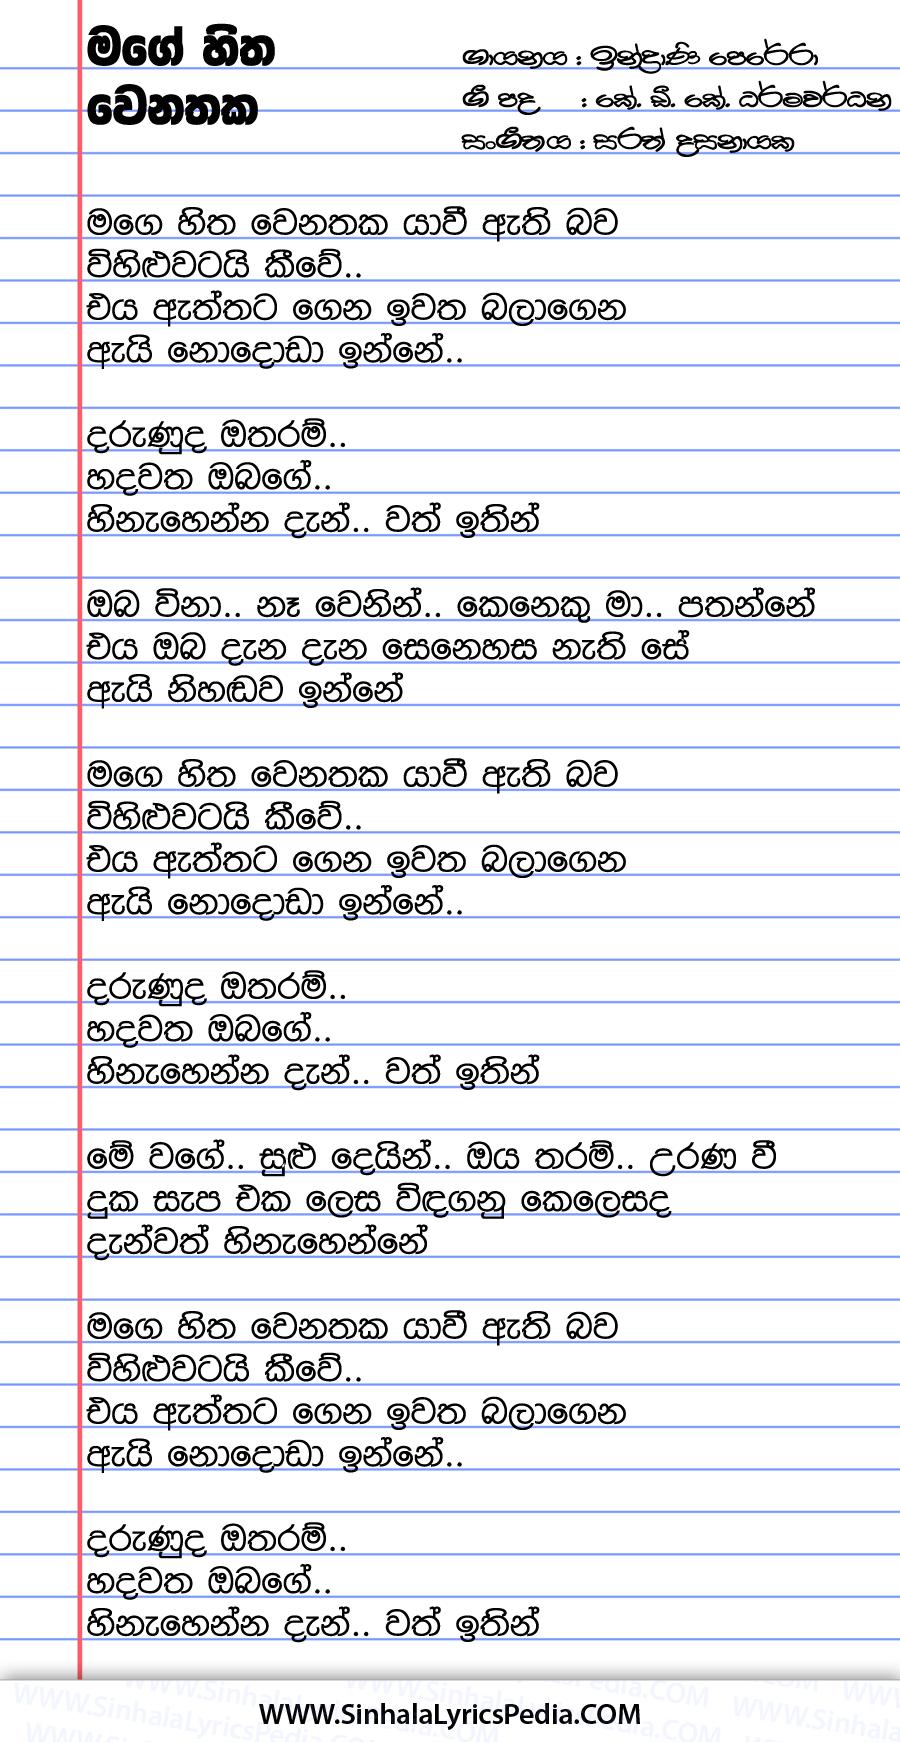 Mage Hitha Wenathaka Yawii Athi Bawa Song Lyrics